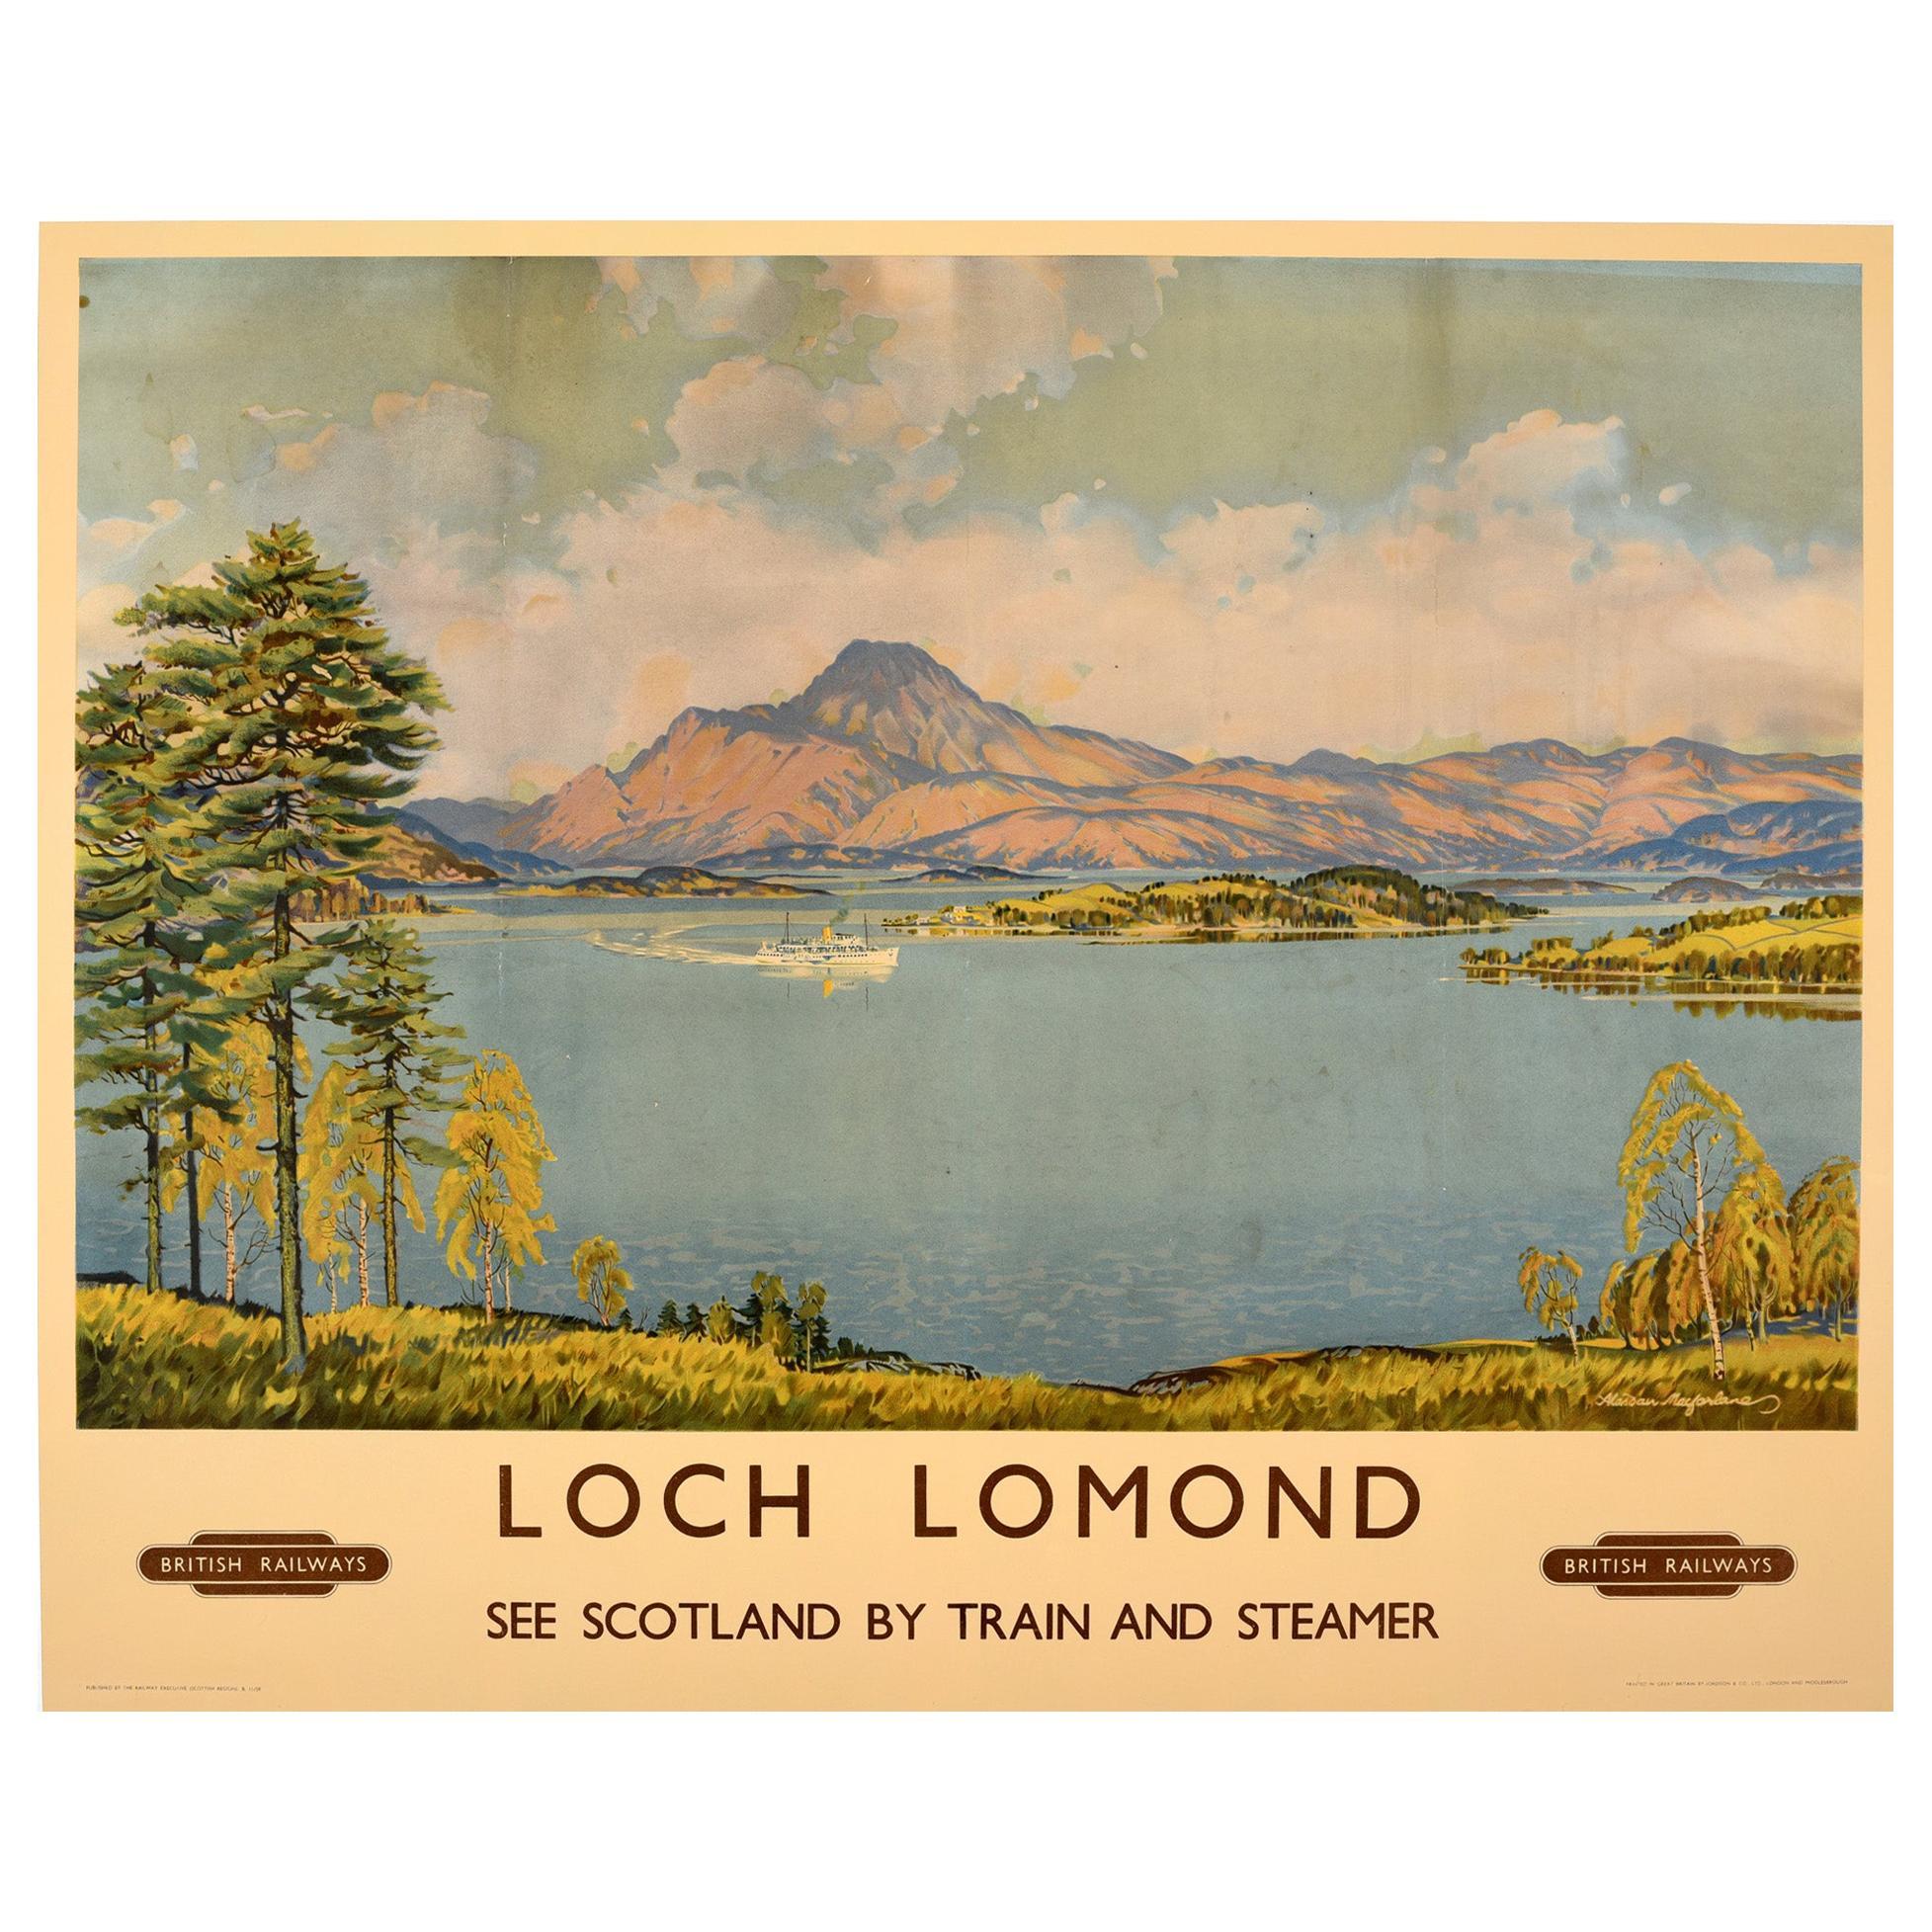 Original Vintage British Railways Poster Loch Lomond Scotland By Train & Steamer